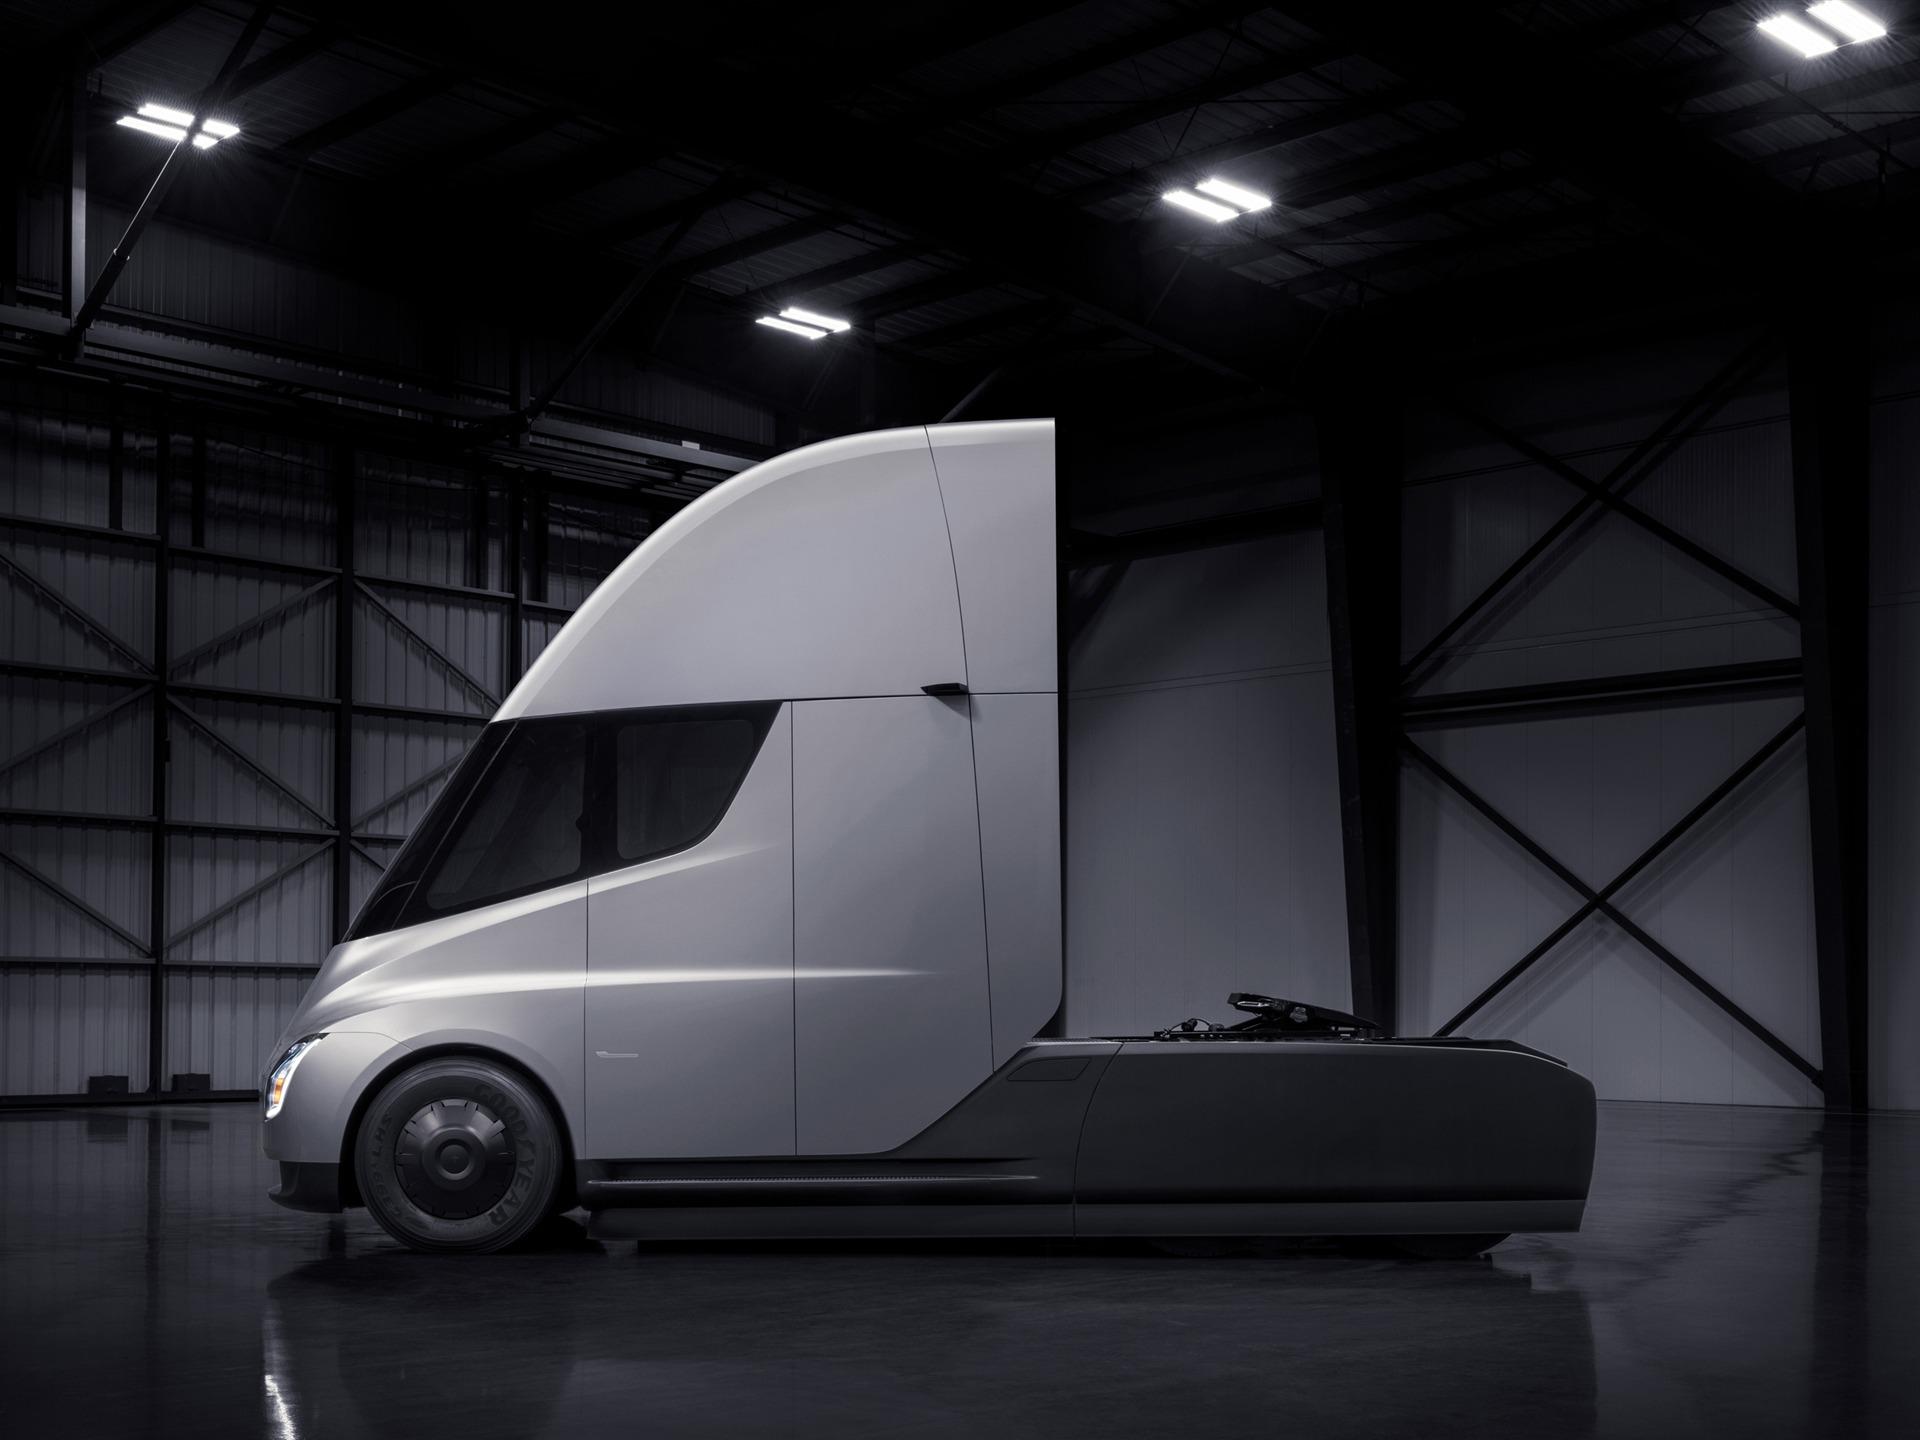 2018 tesla camion lectrique 4k hd aper u. Black Bedroom Furniture Sets. Home Design Ideas